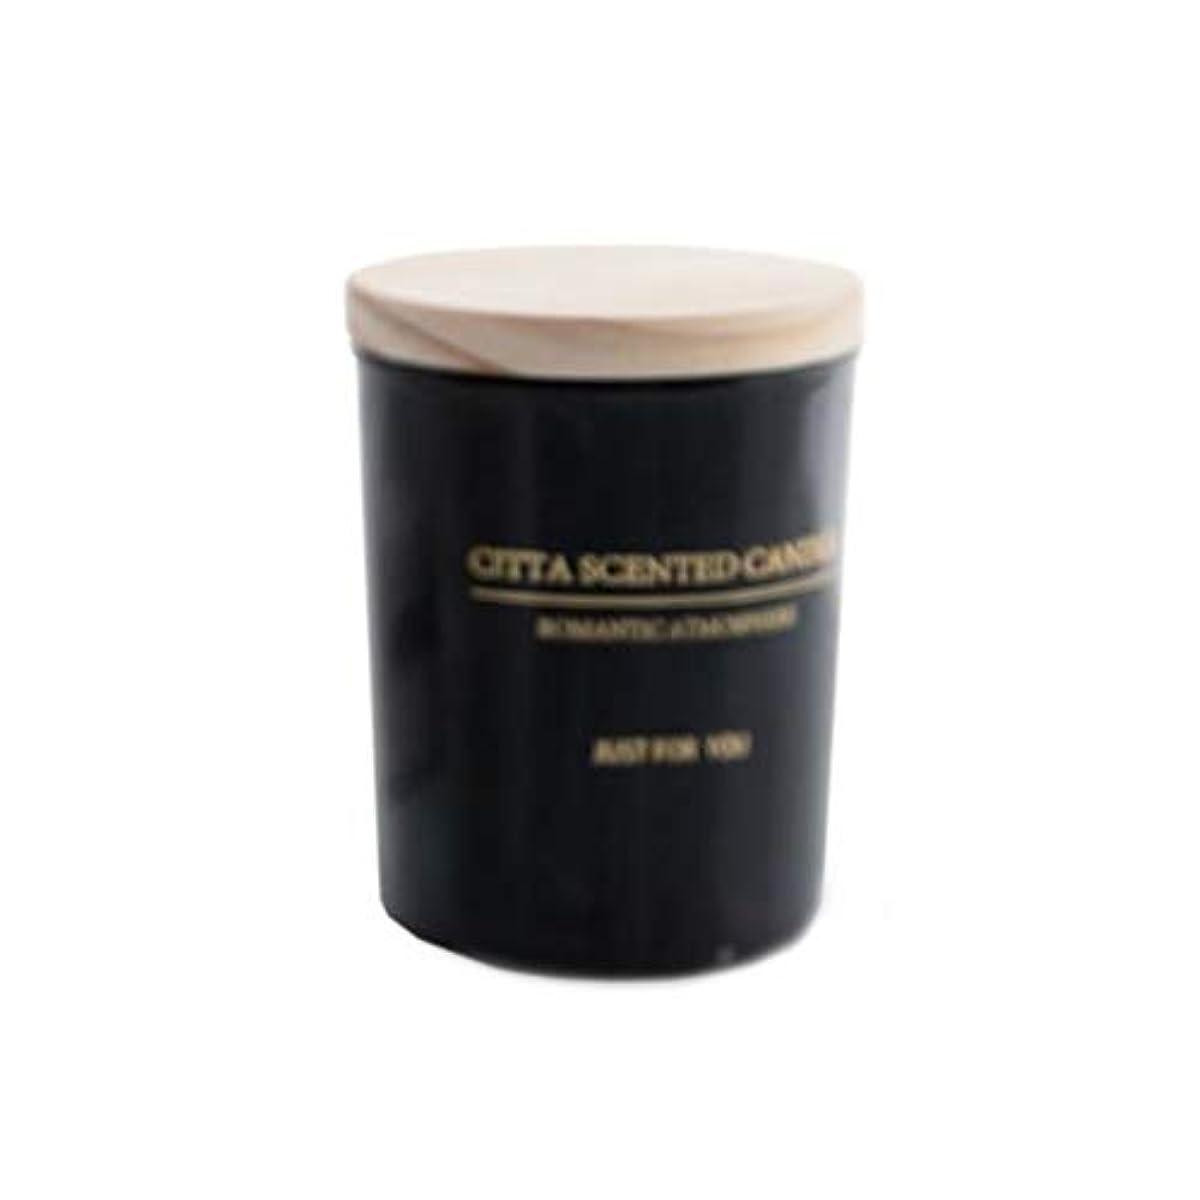 抽選スペイン閃光キャンドル、木製カバーガラス香りのキャンドル、白黒シンプル大容量環境に優しい無煙大豆キャンドル (Color : Black)